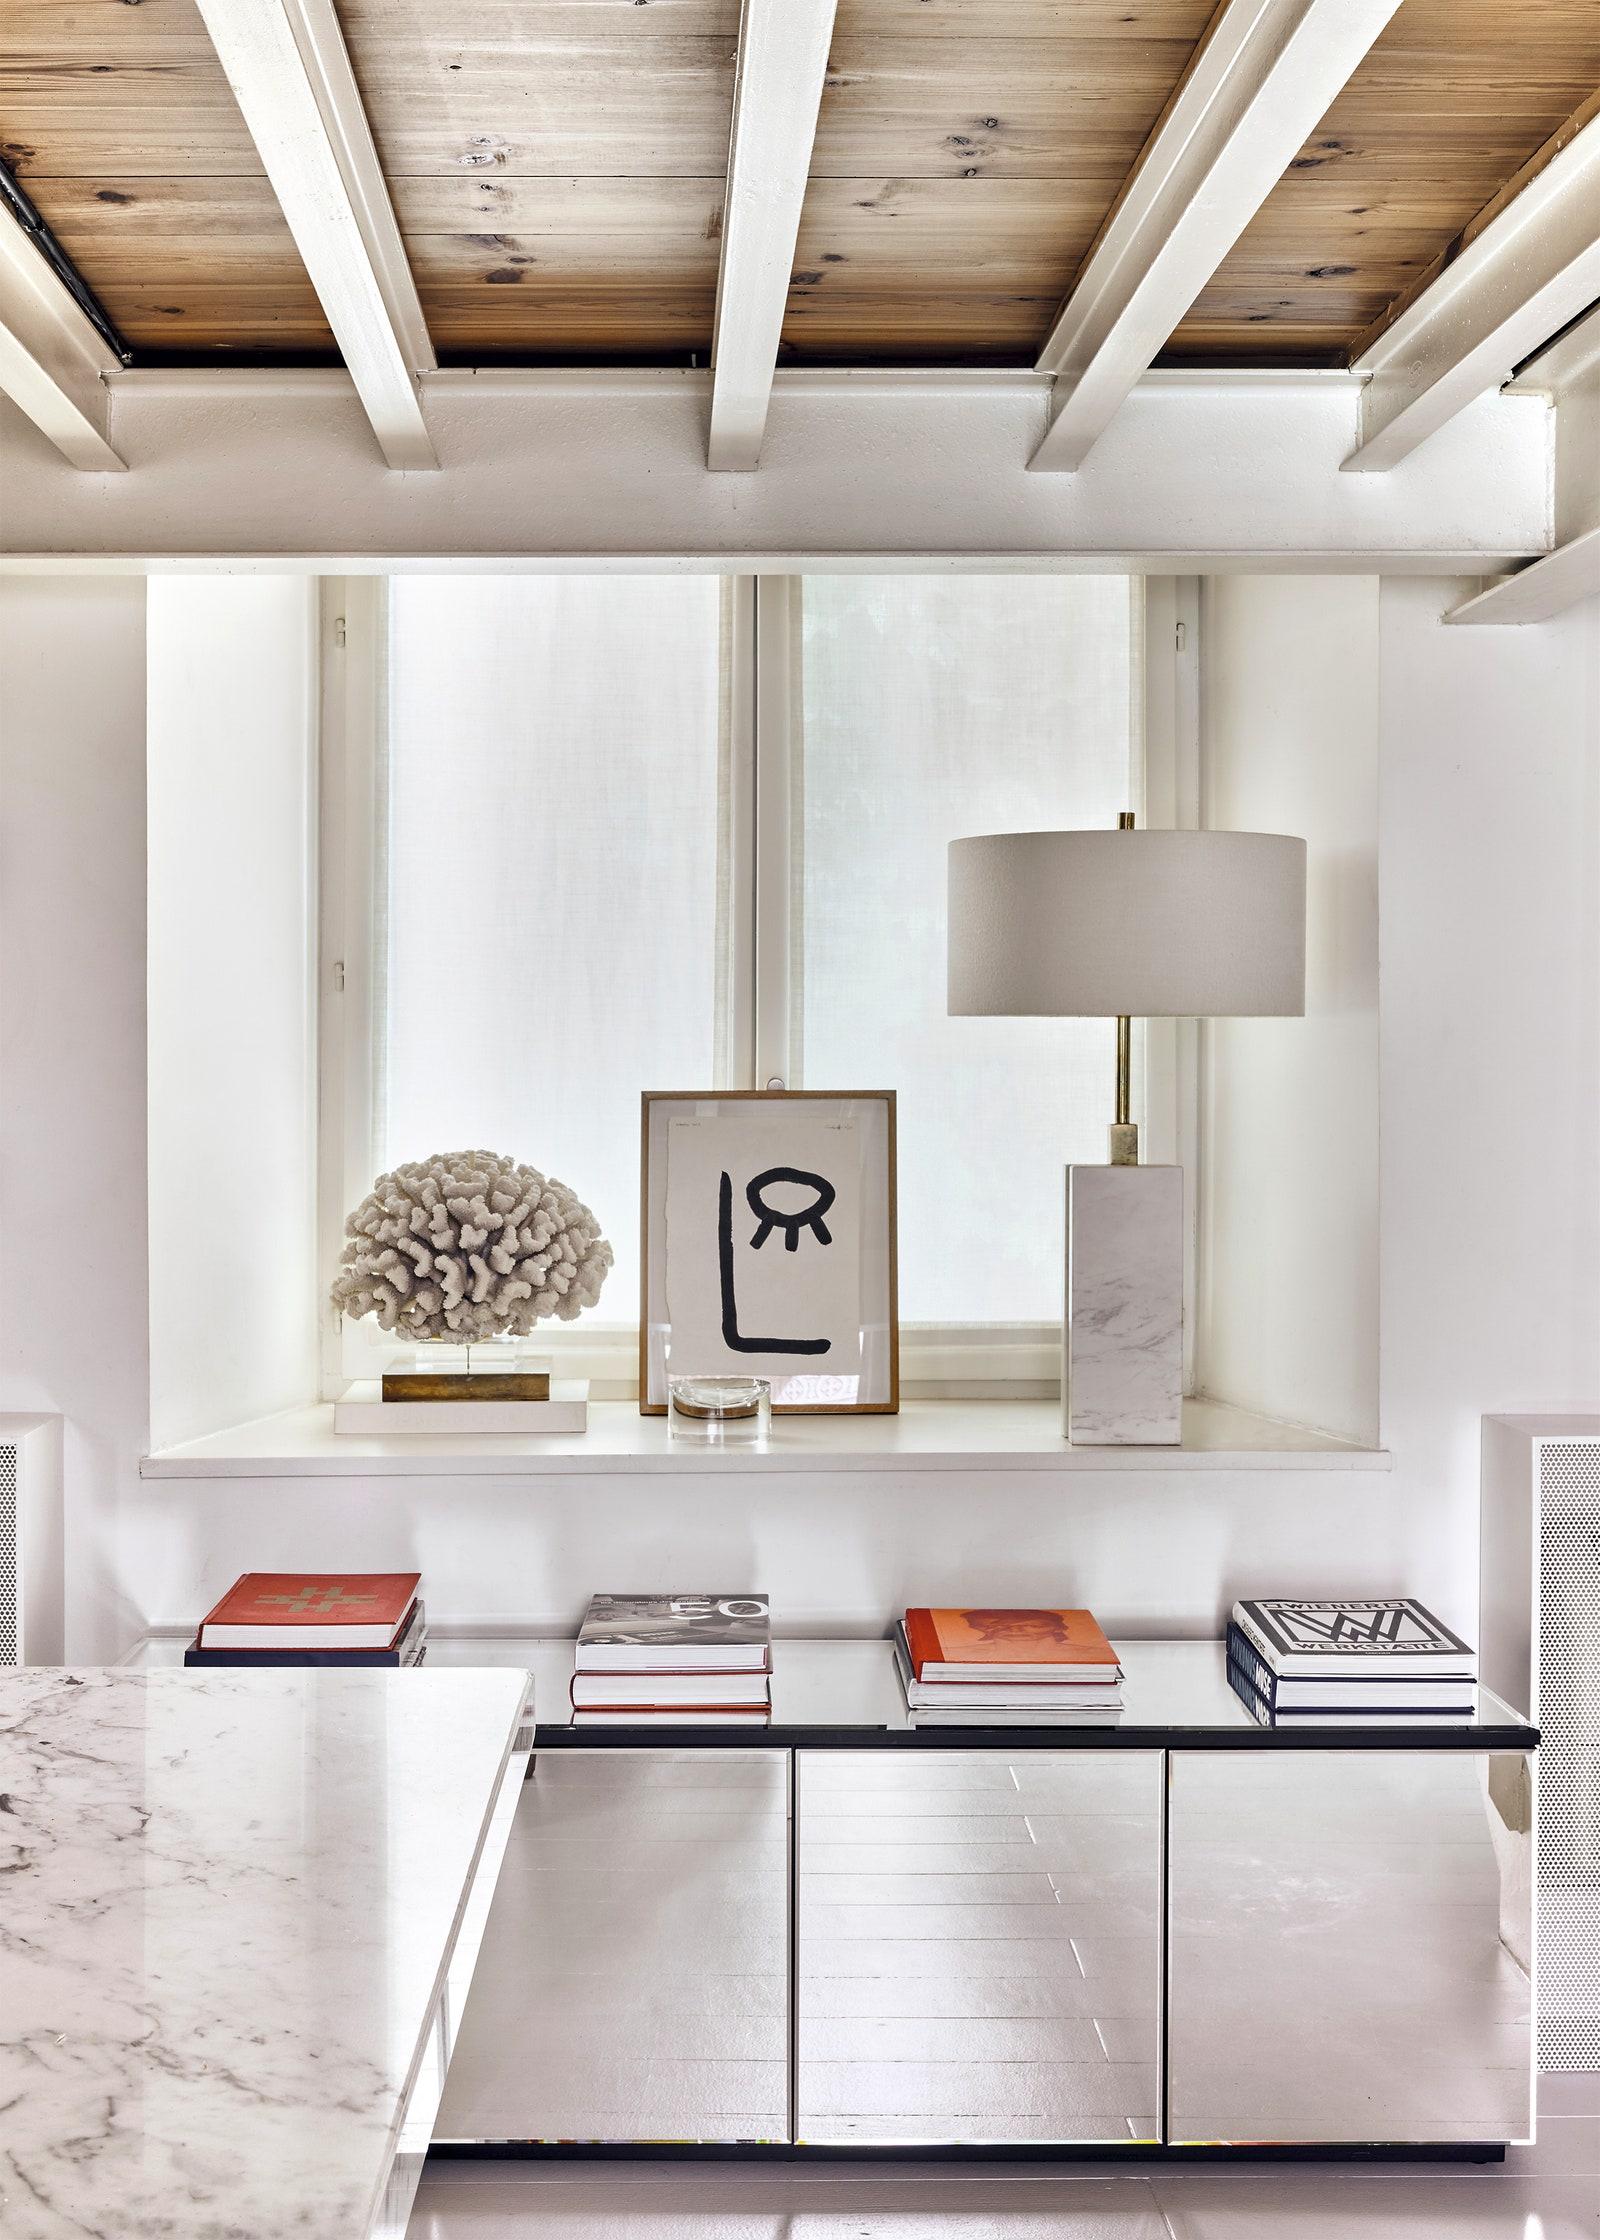 este_verano_practica_nesting_decoración_interiores_lifestyle_consejos-07